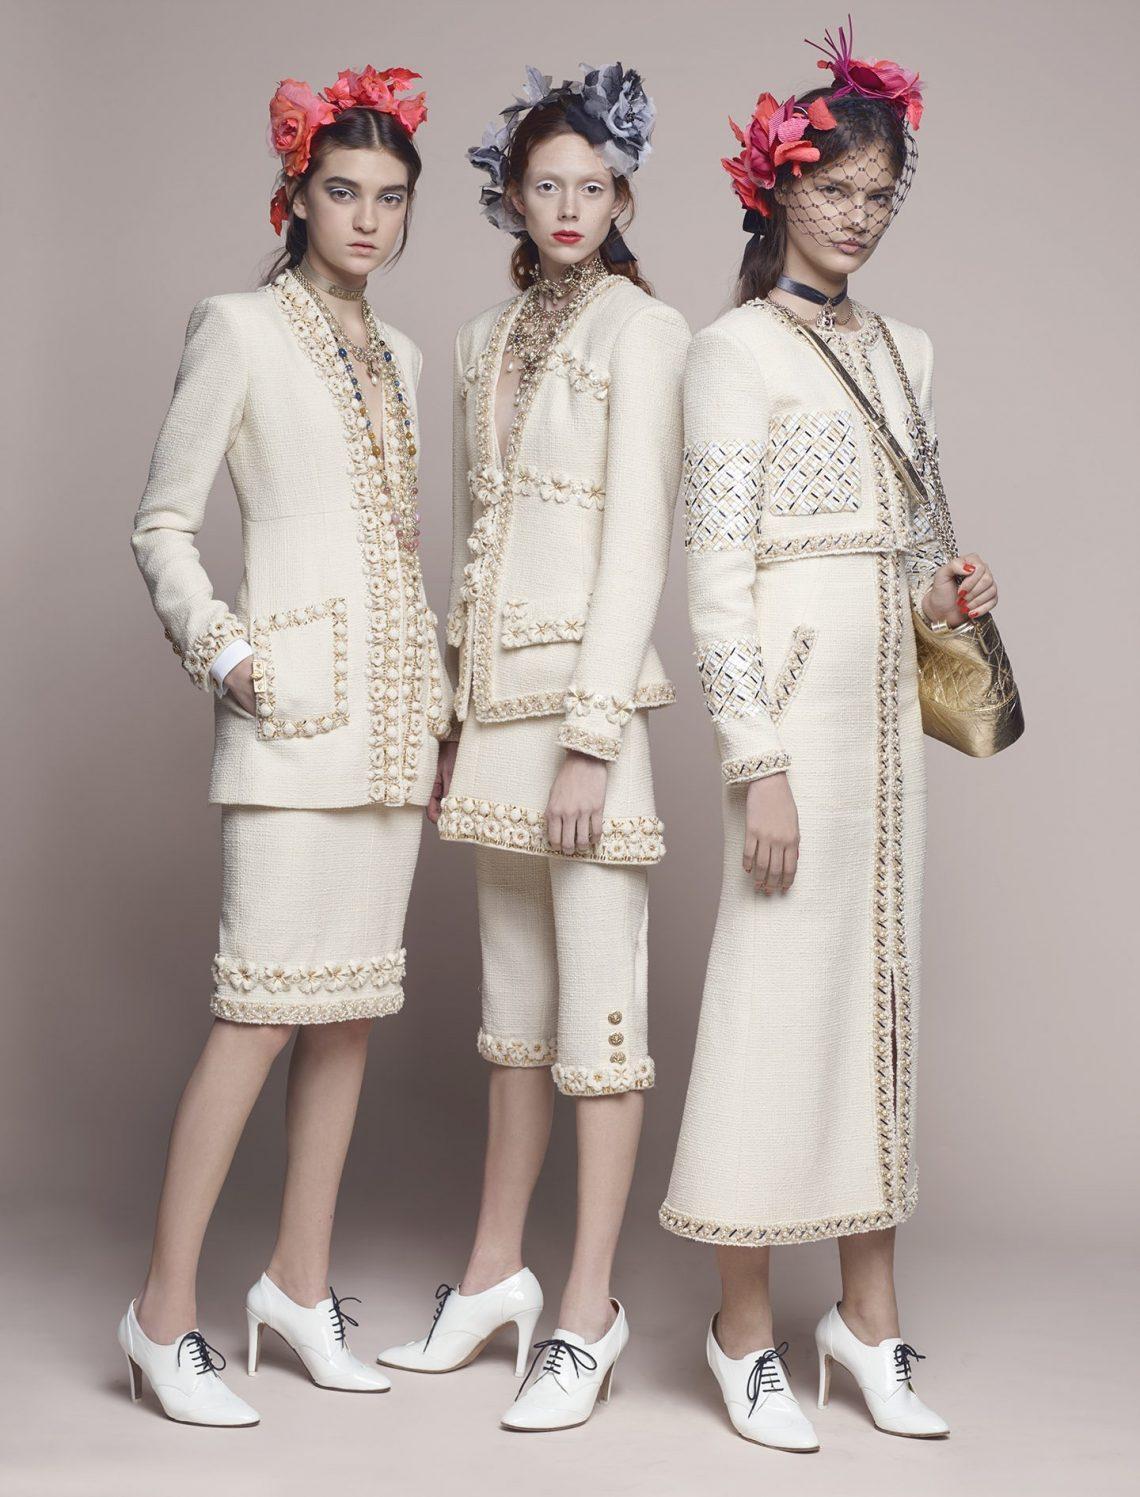 De Lily Rose a Cara Delevingne, Chanel revoluciona el Ritz con 'Metie1r's d'Arts'